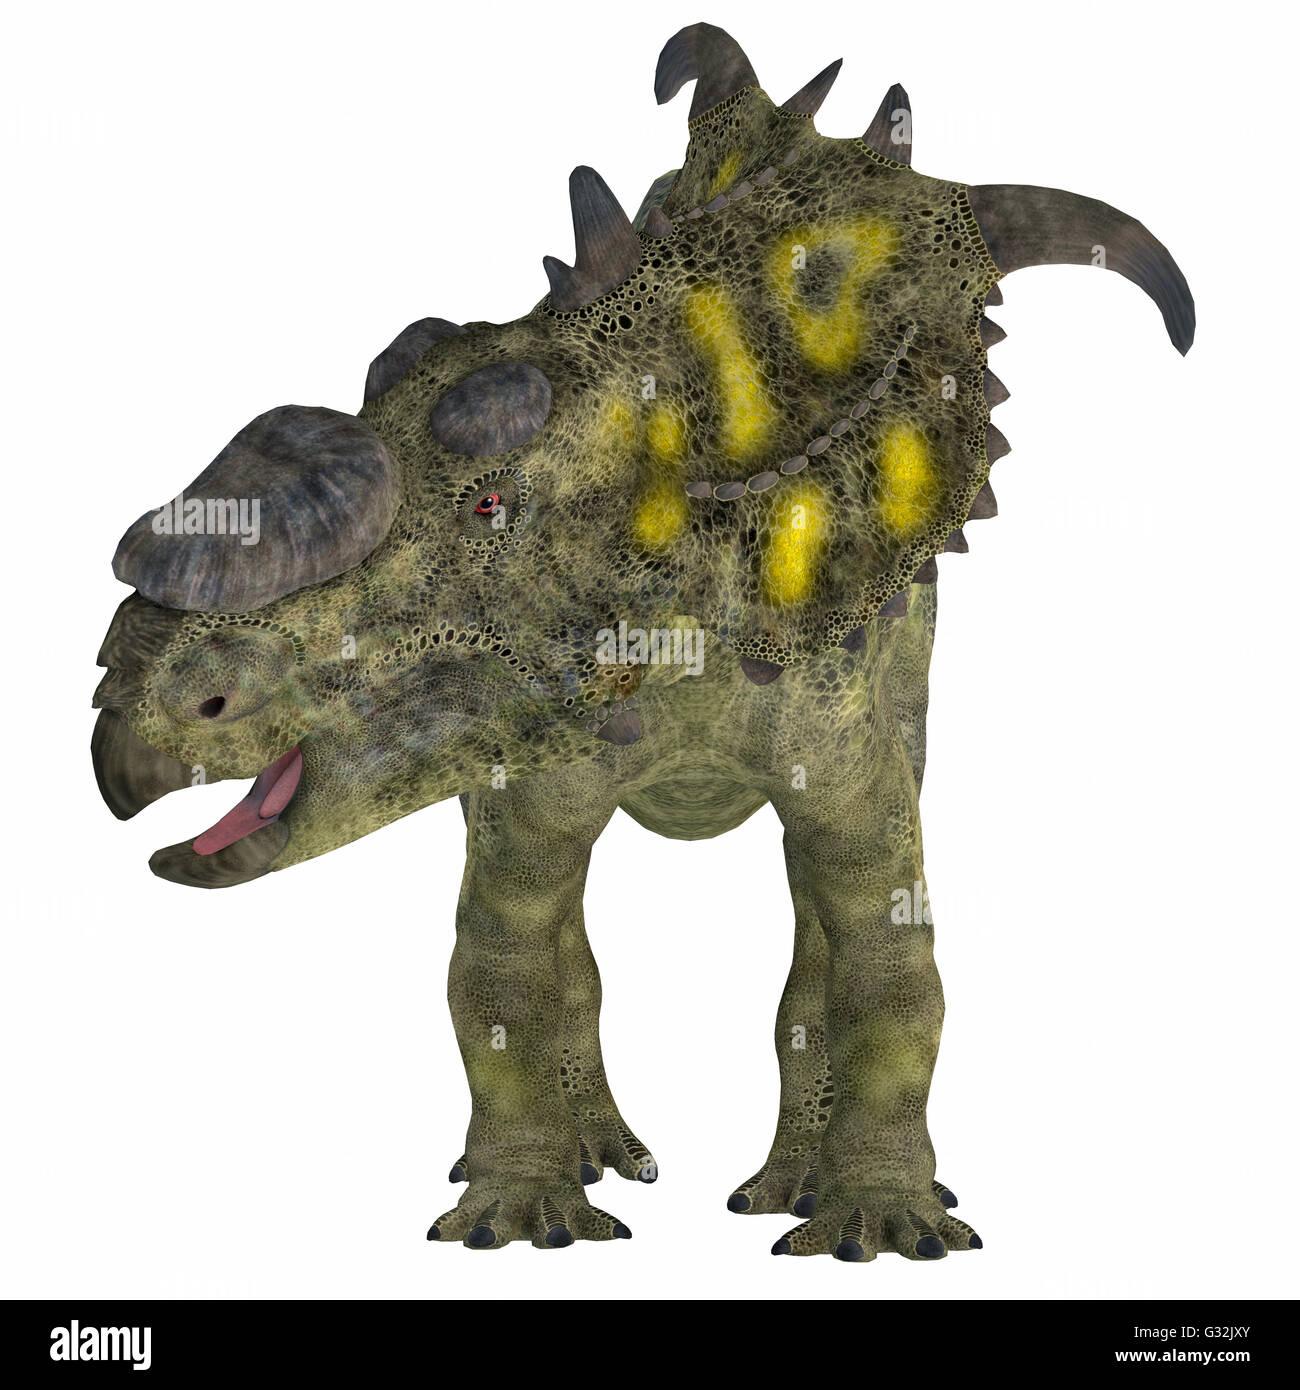 Pachyrhinosaurus era un ceratopsid dinosauro erbivoro che visse nel Cretaceo di Alberta, Canada. Foto Stock